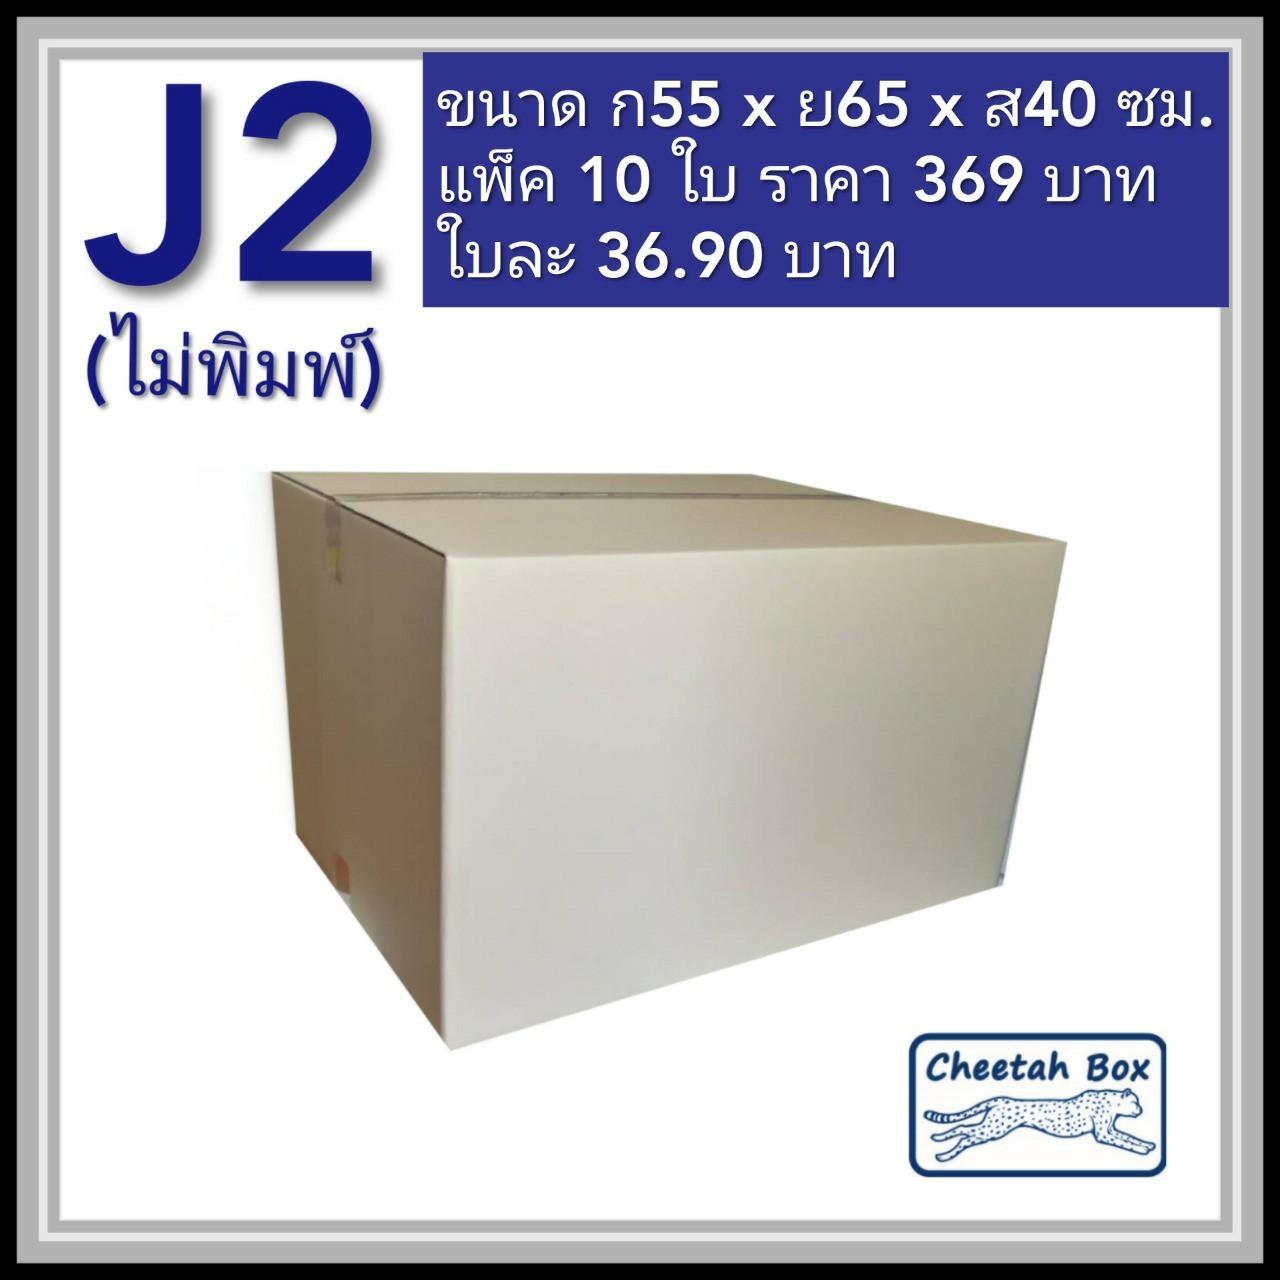 กล่องพัสดุขนาดใหญ่ J2